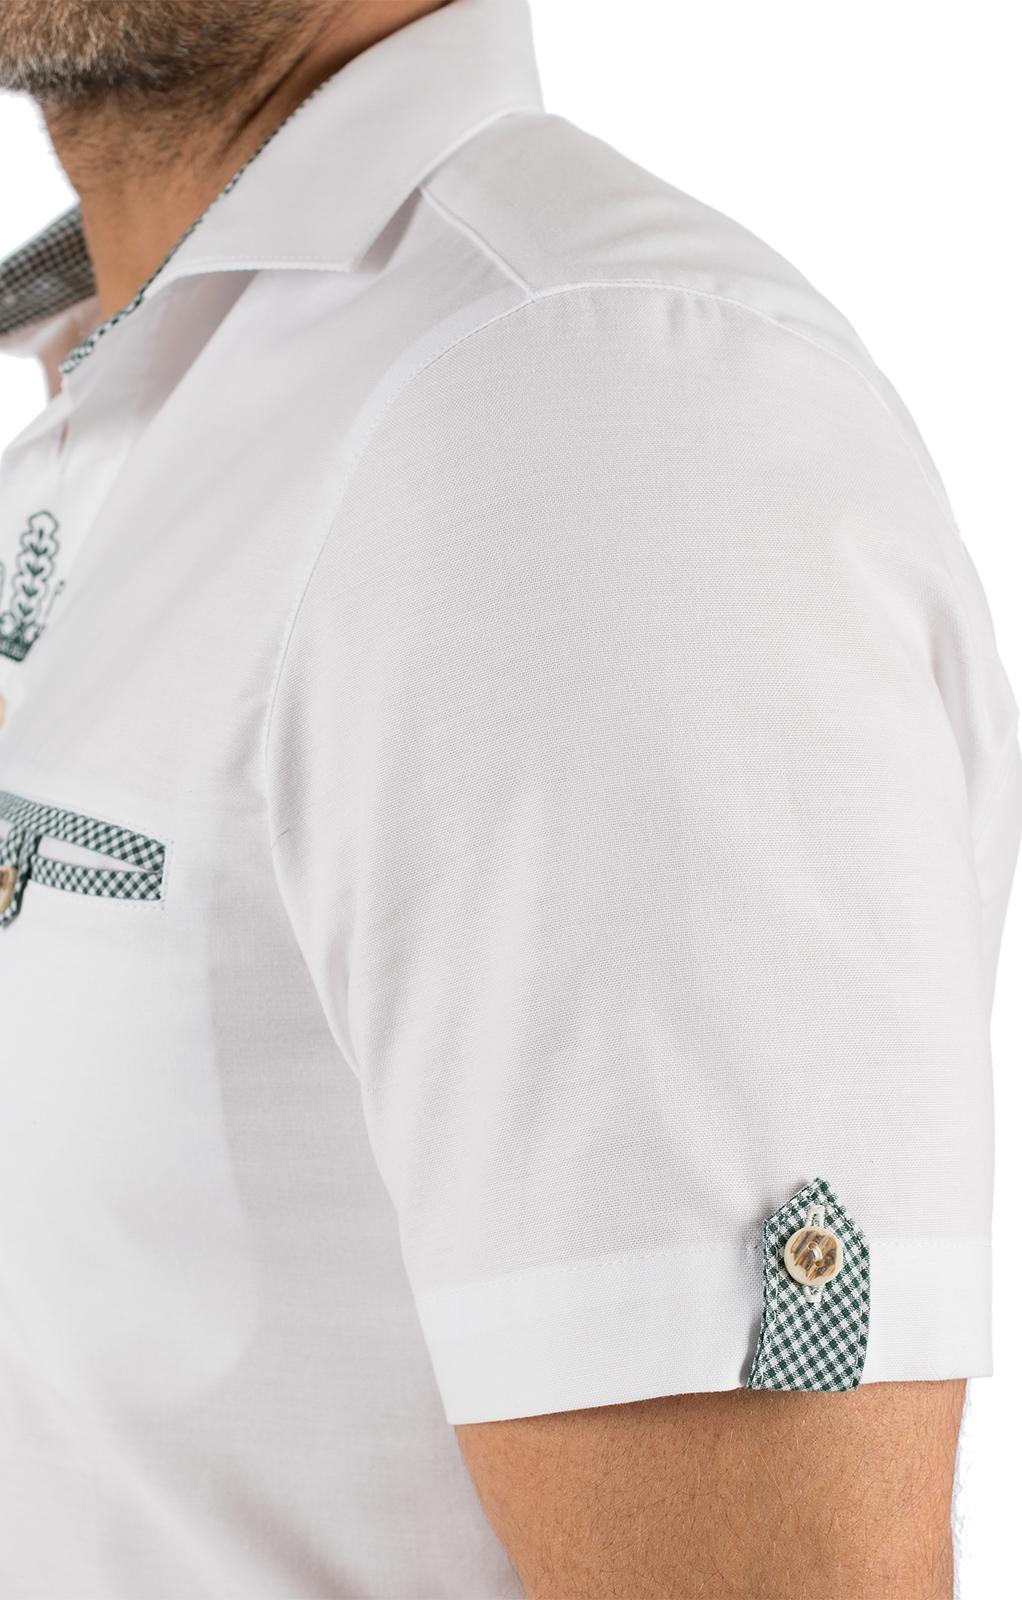 weitere Bilder von Trachten Kurzarmhemd THORSTEN weiß